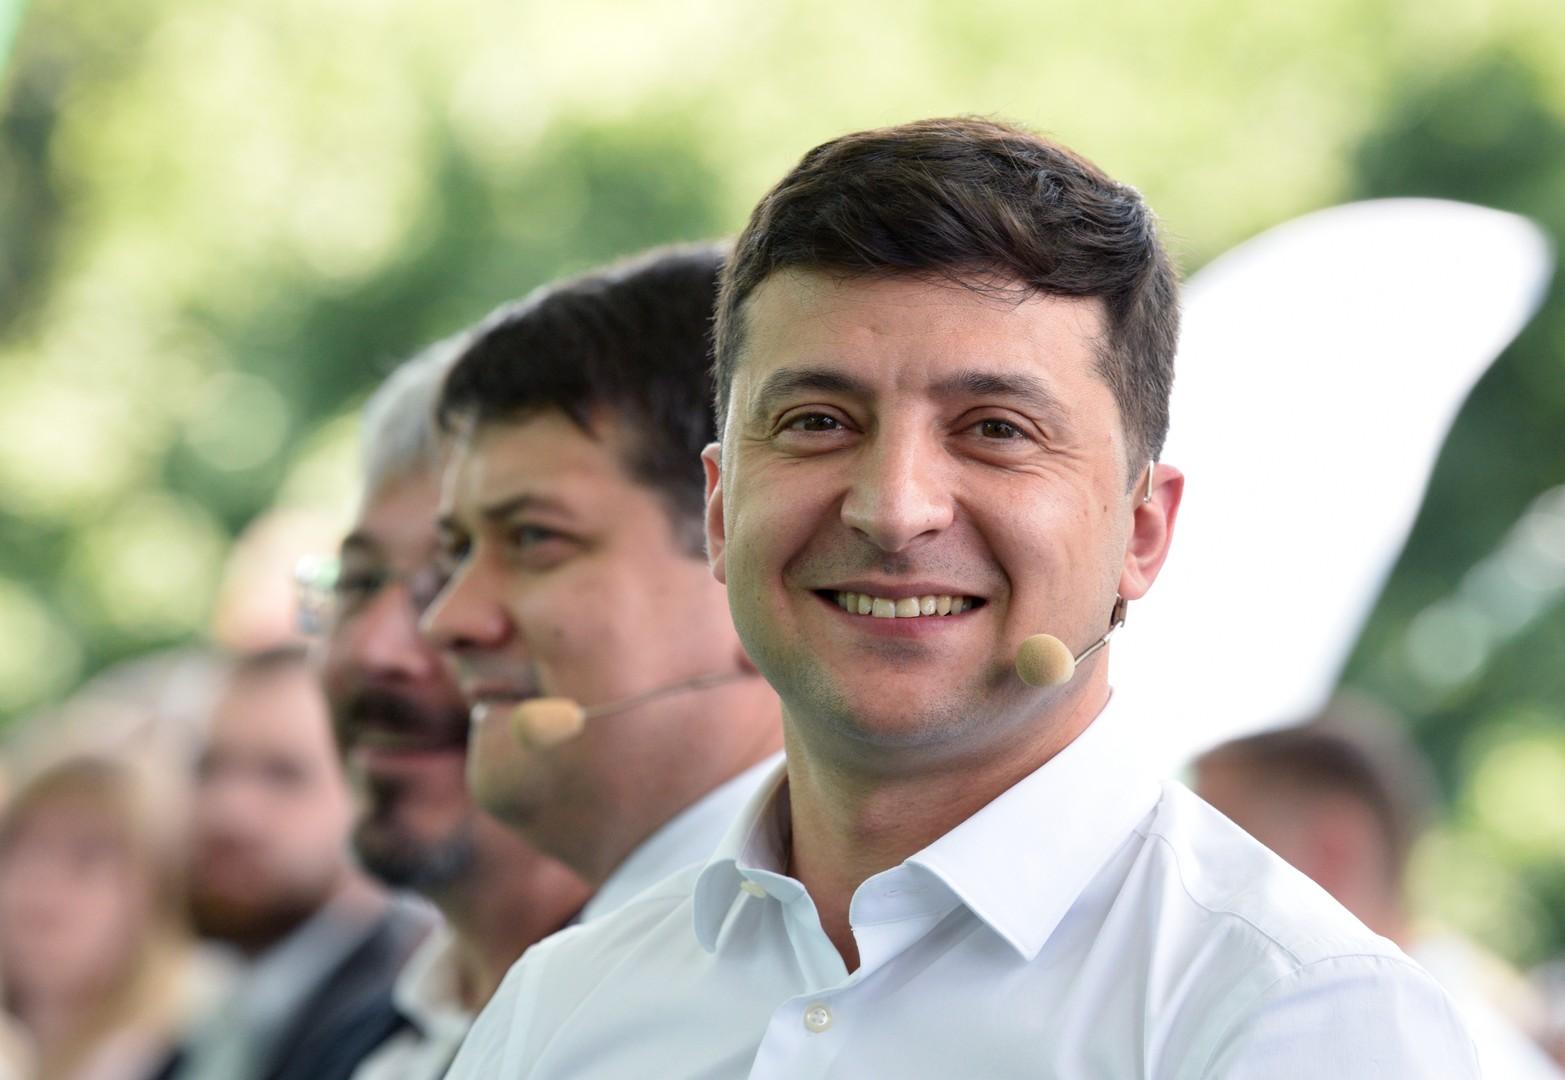 زيلينسكي: هدفنا ليس إحياء النظام الأوكراني السابق بل القضاء عليه